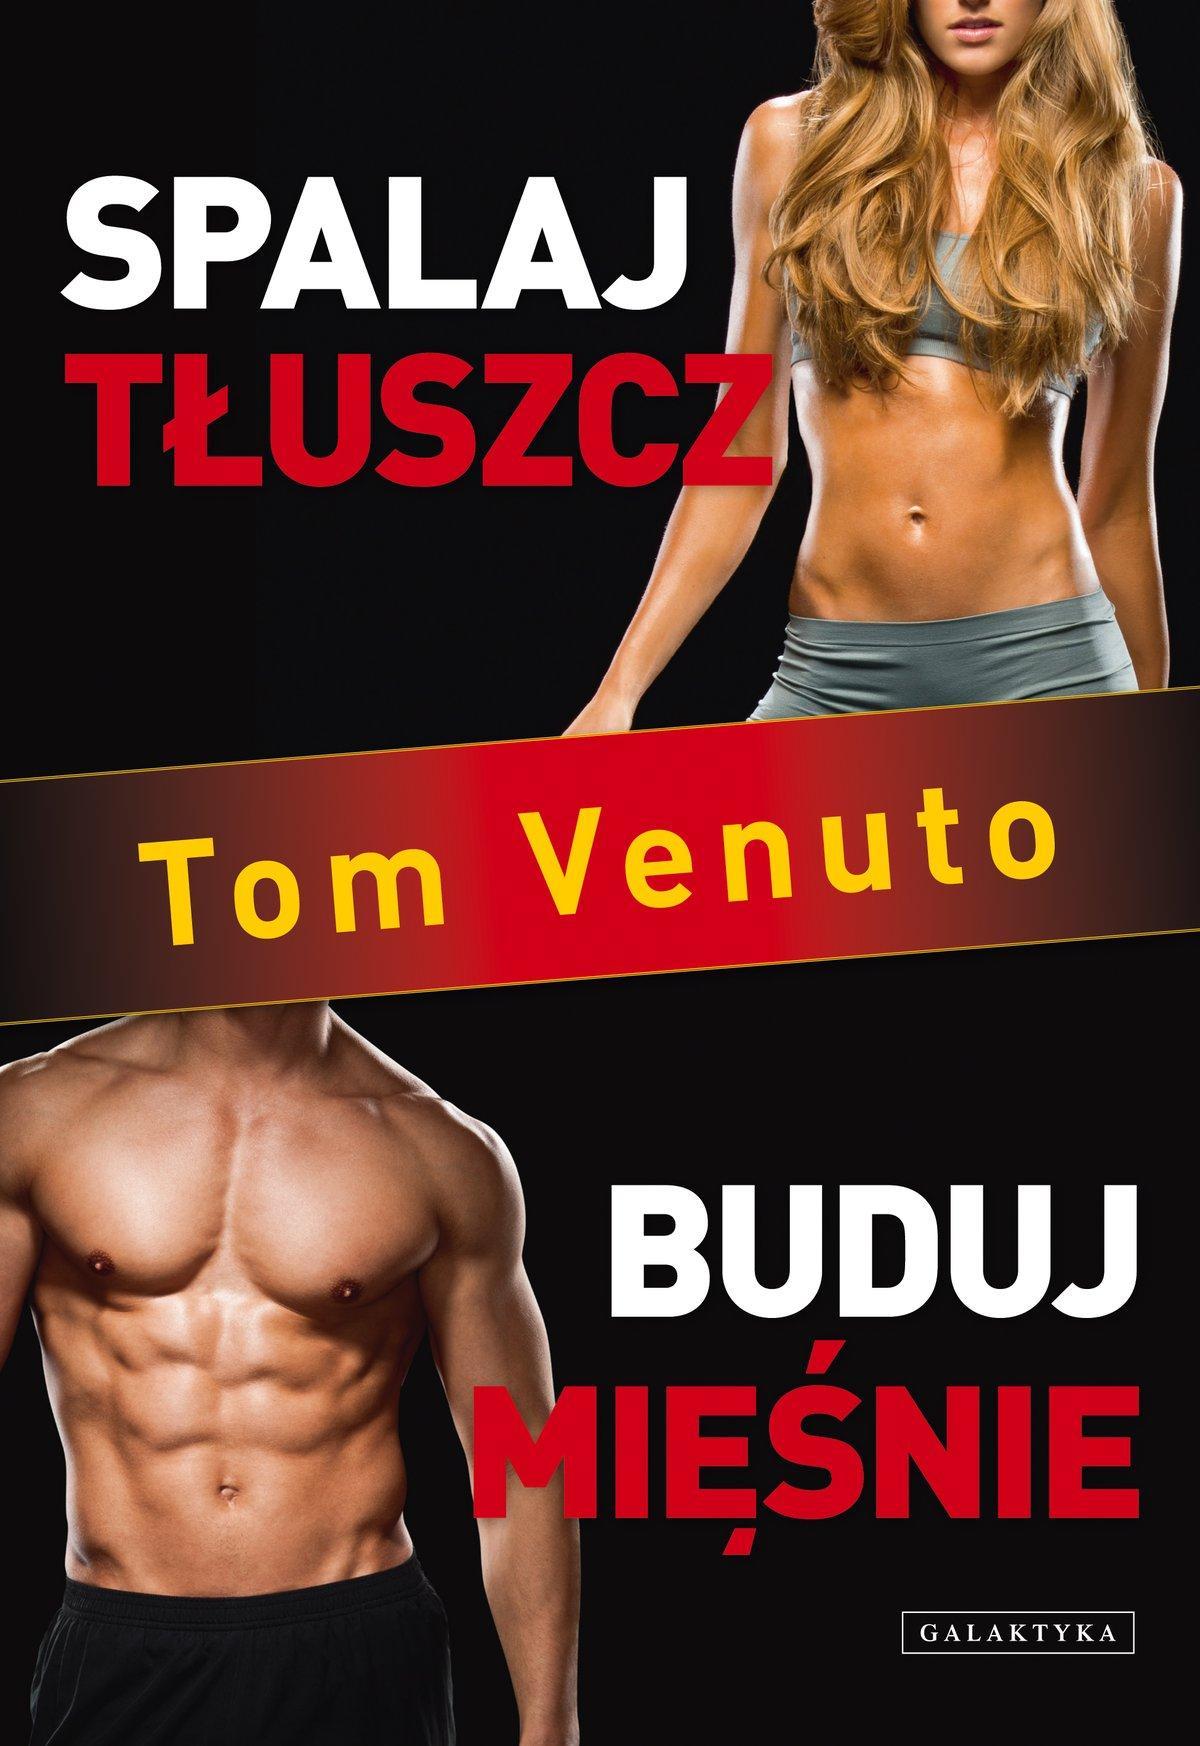 Spalaj tłuszcz, buduj mięśnie - Ebook (Książka EPUB) do pobrania w formacie EPUB